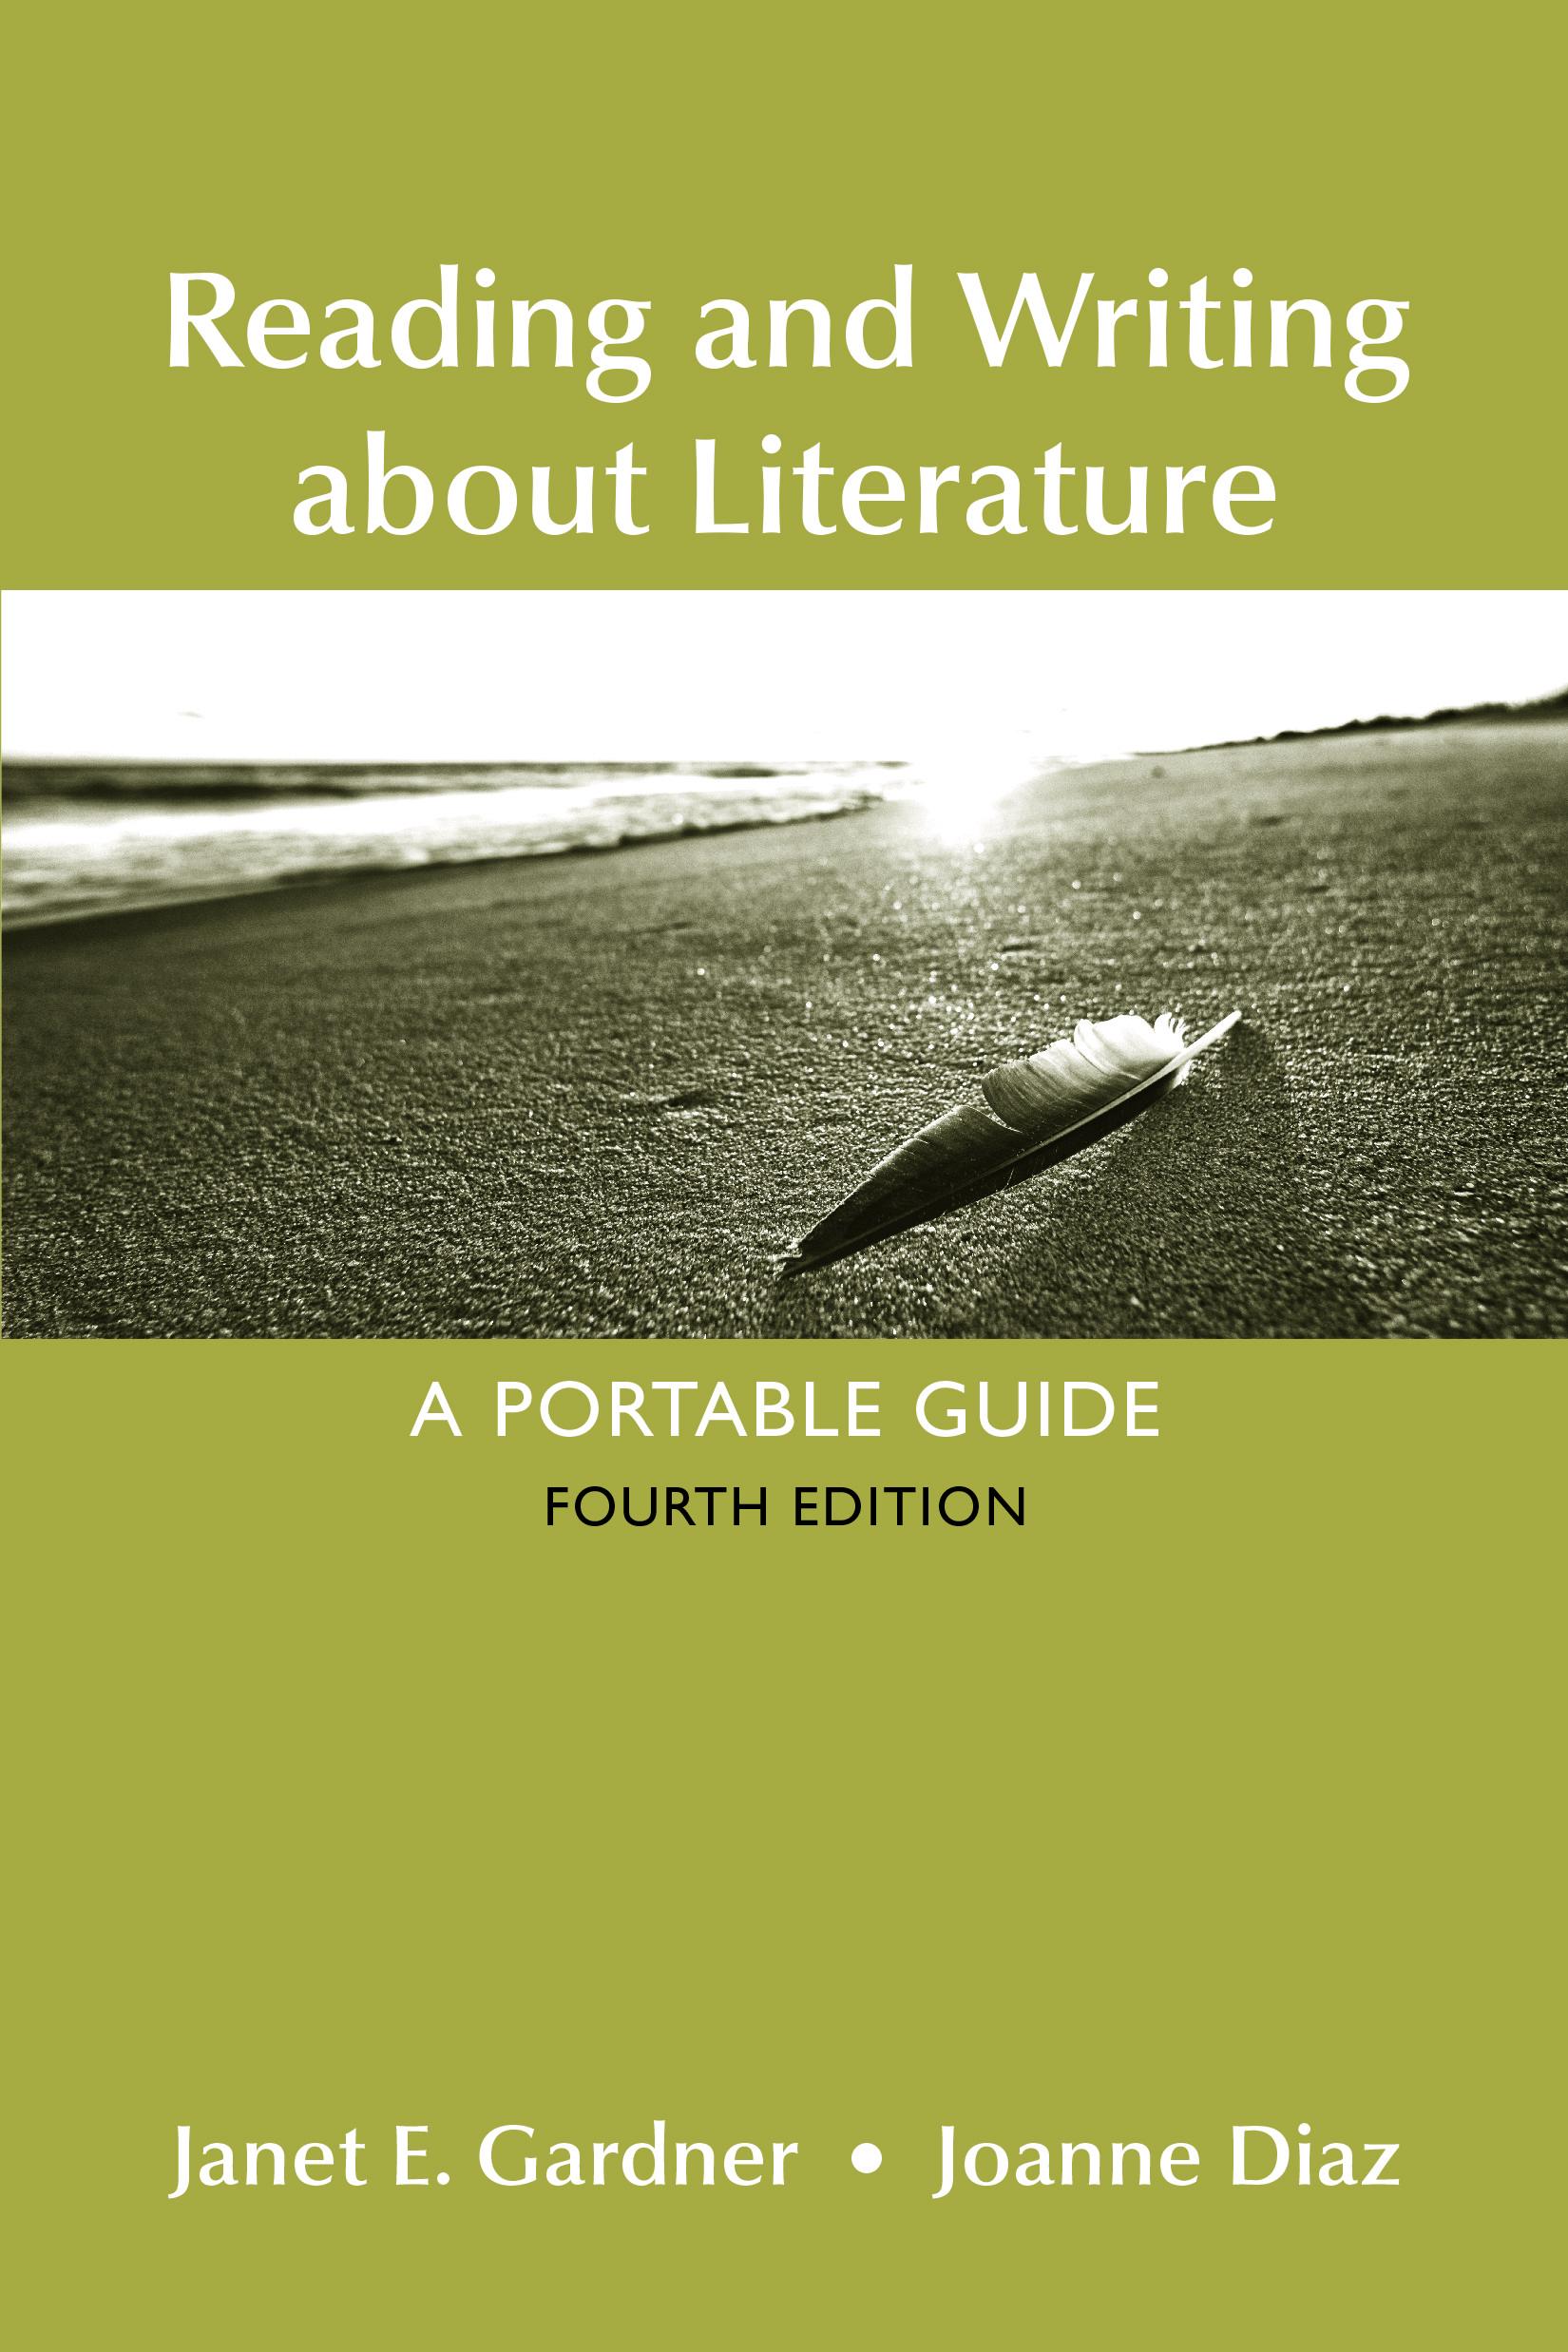 Gardner - R&W Literature.jpg